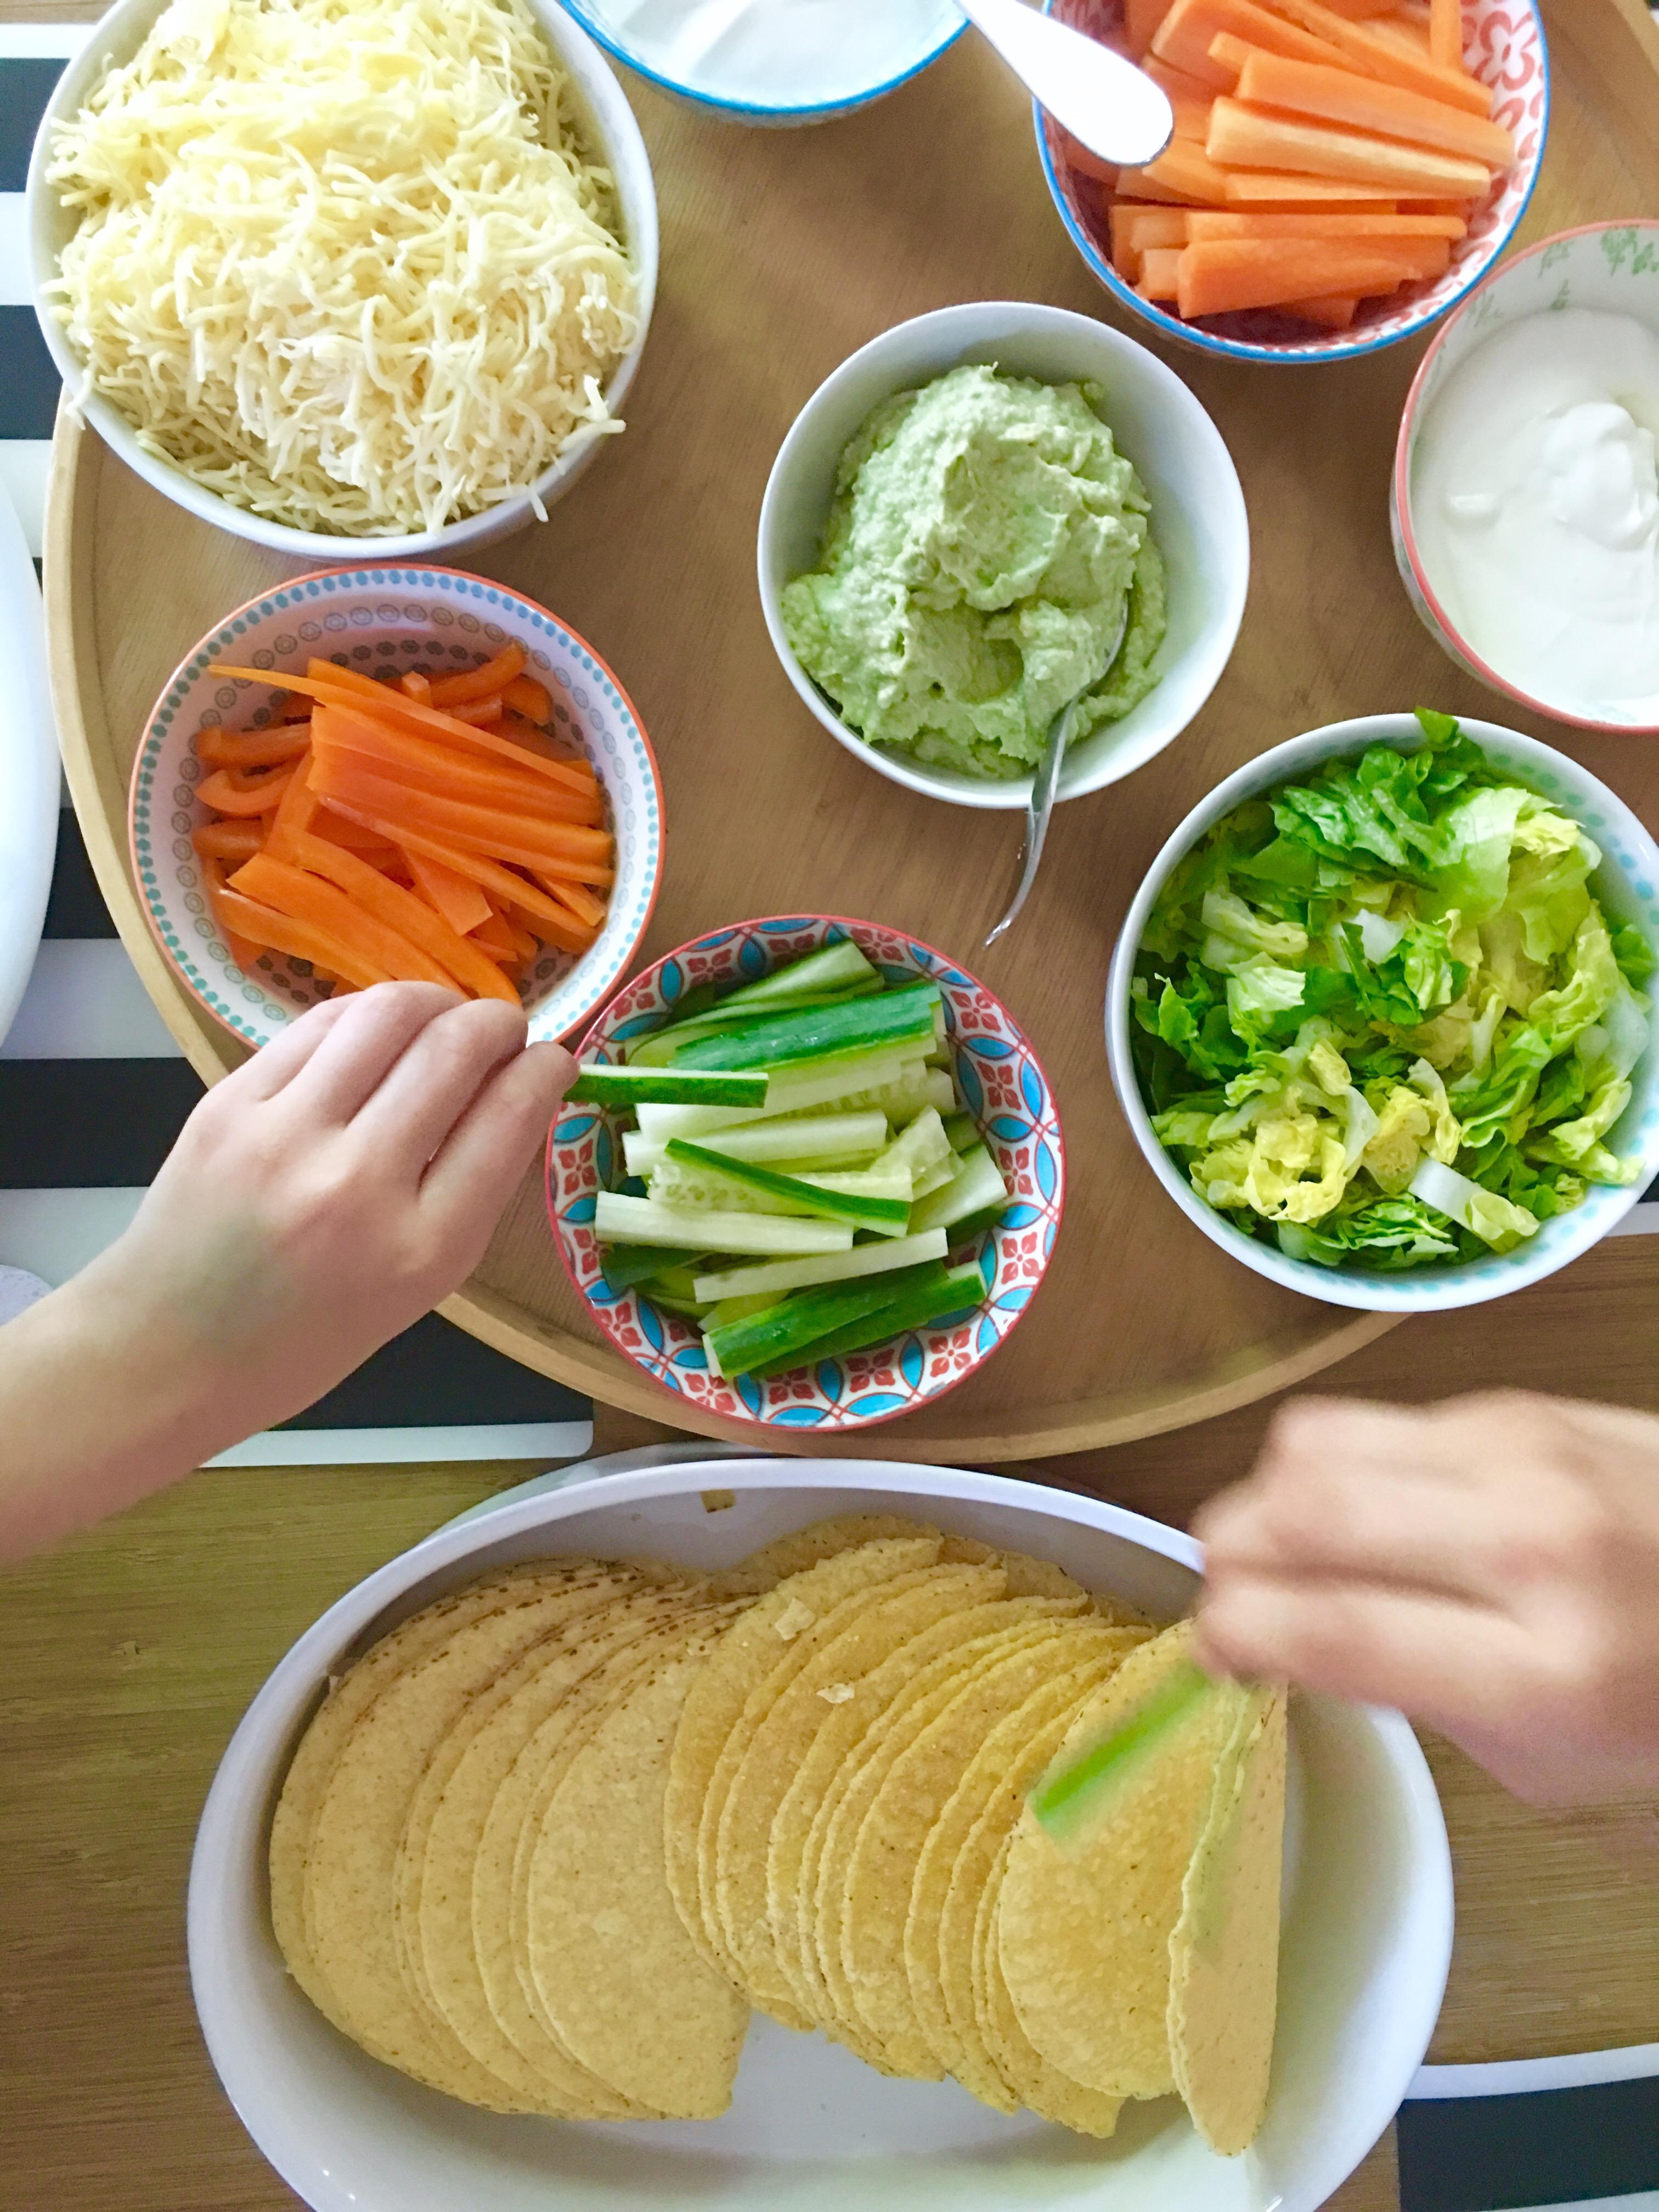 Taco, Rezept, Leben mit Kindern, Elternhacks, Schnelle Küche, frisch, mexikanische Küche, TexMex, Mamablog, Kinderessen, Lieblingsessen